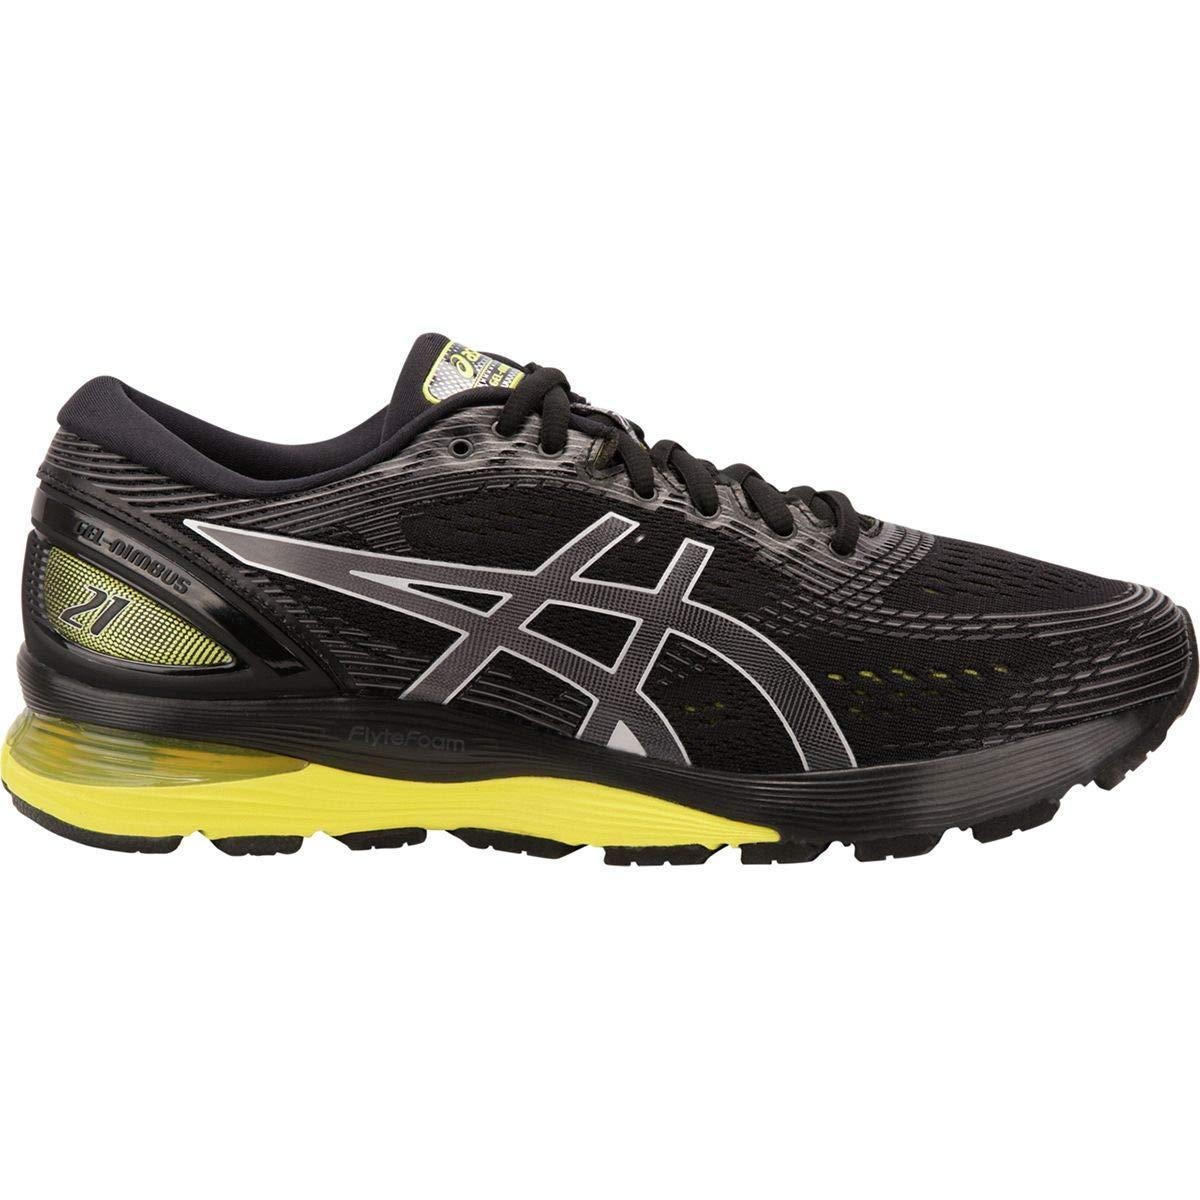 暮らし健康ネット館 [アシックス] メンズ ランニング Gel-Nimbus 21 Running Shoe [並行輸入品] B07P1RDHRR   8, 真室川町 dfc389e3